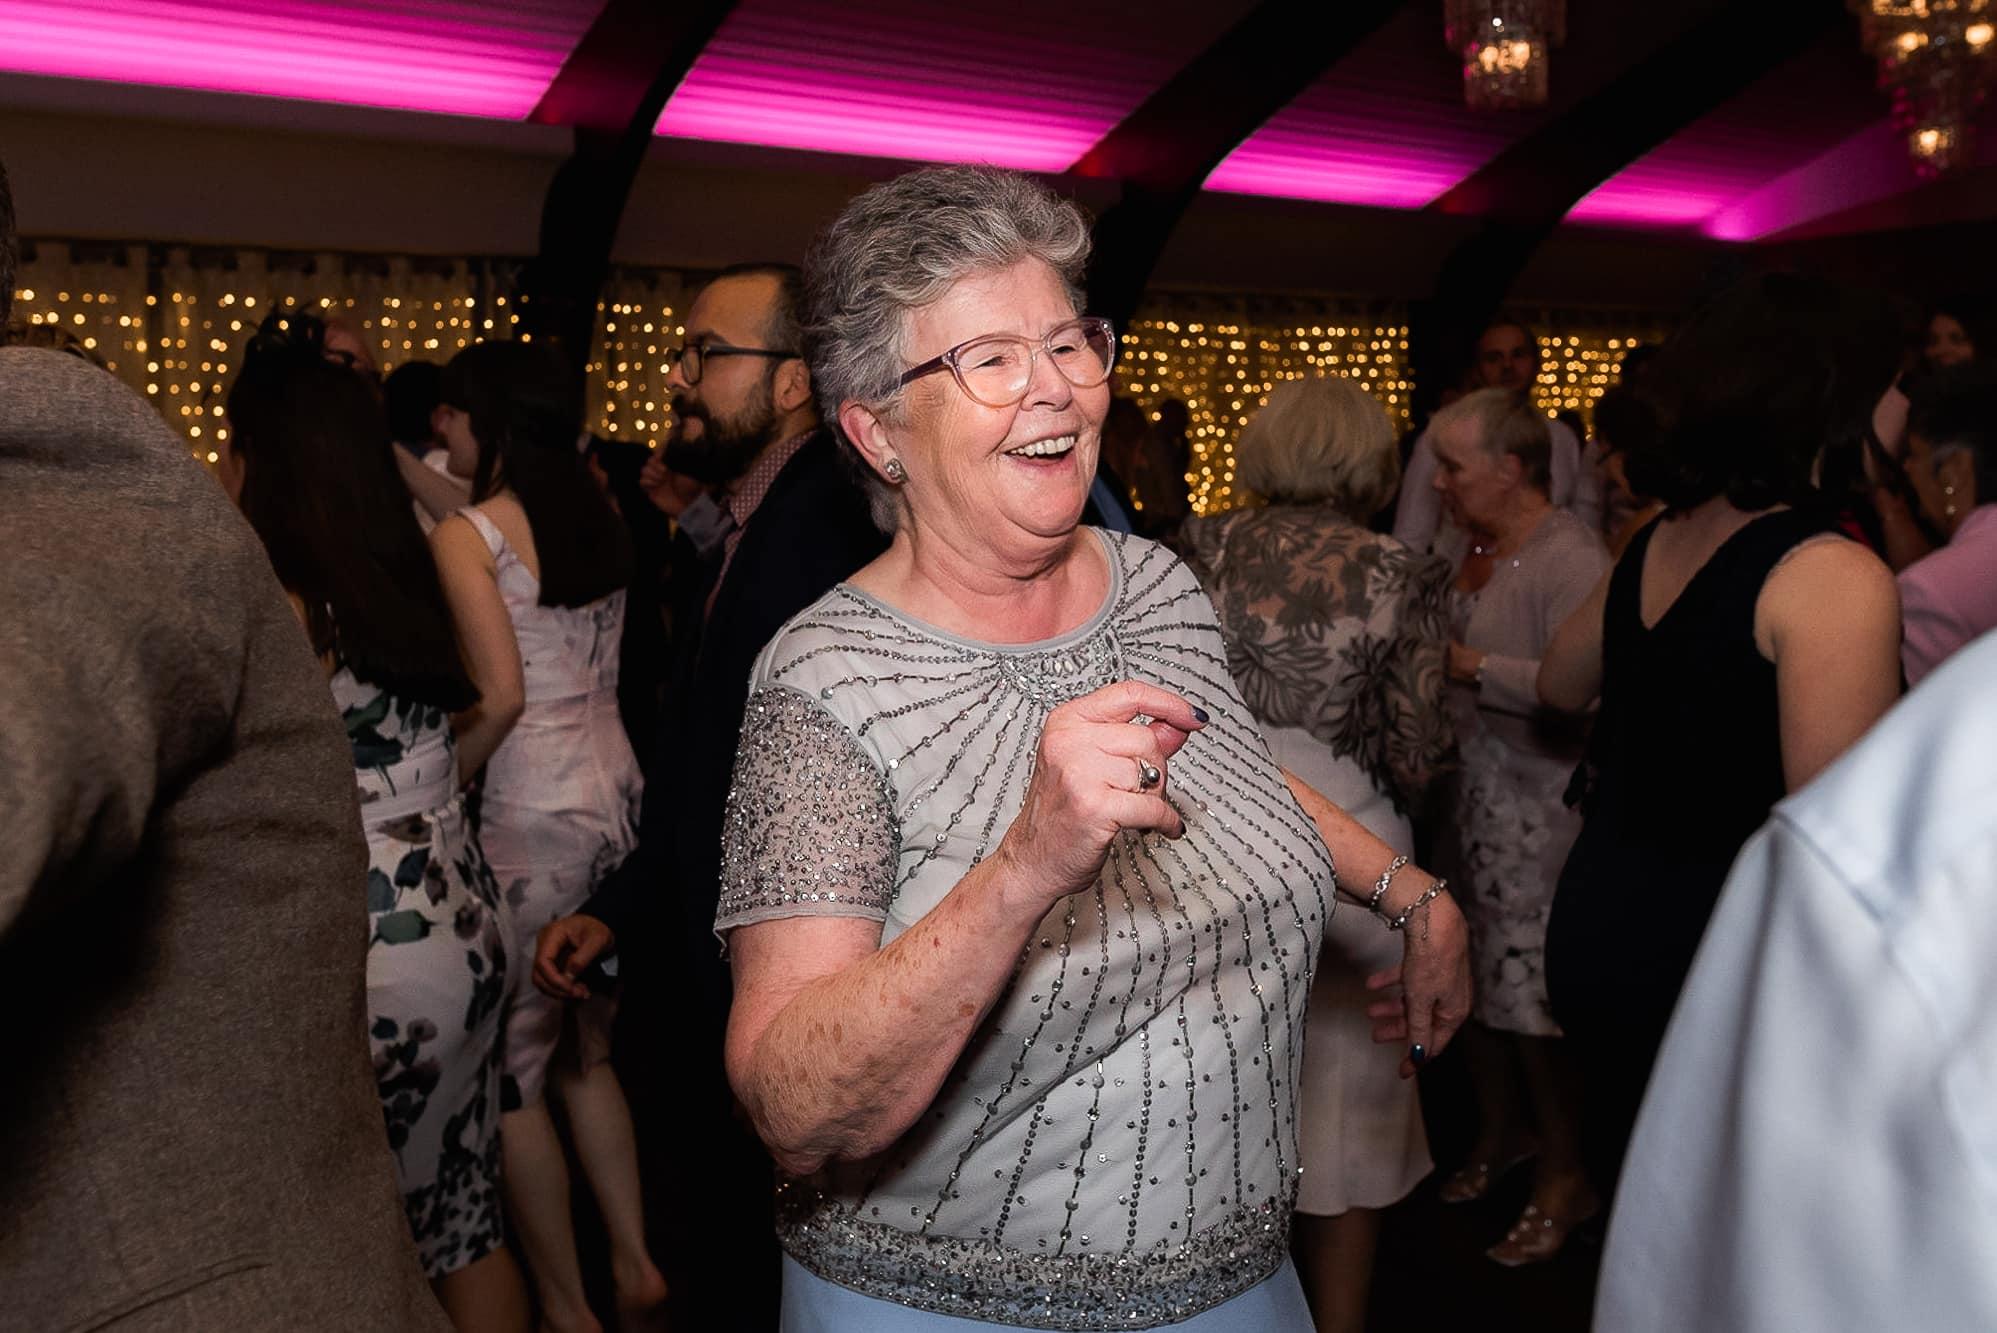 Gran dancing at Colshaw Hall